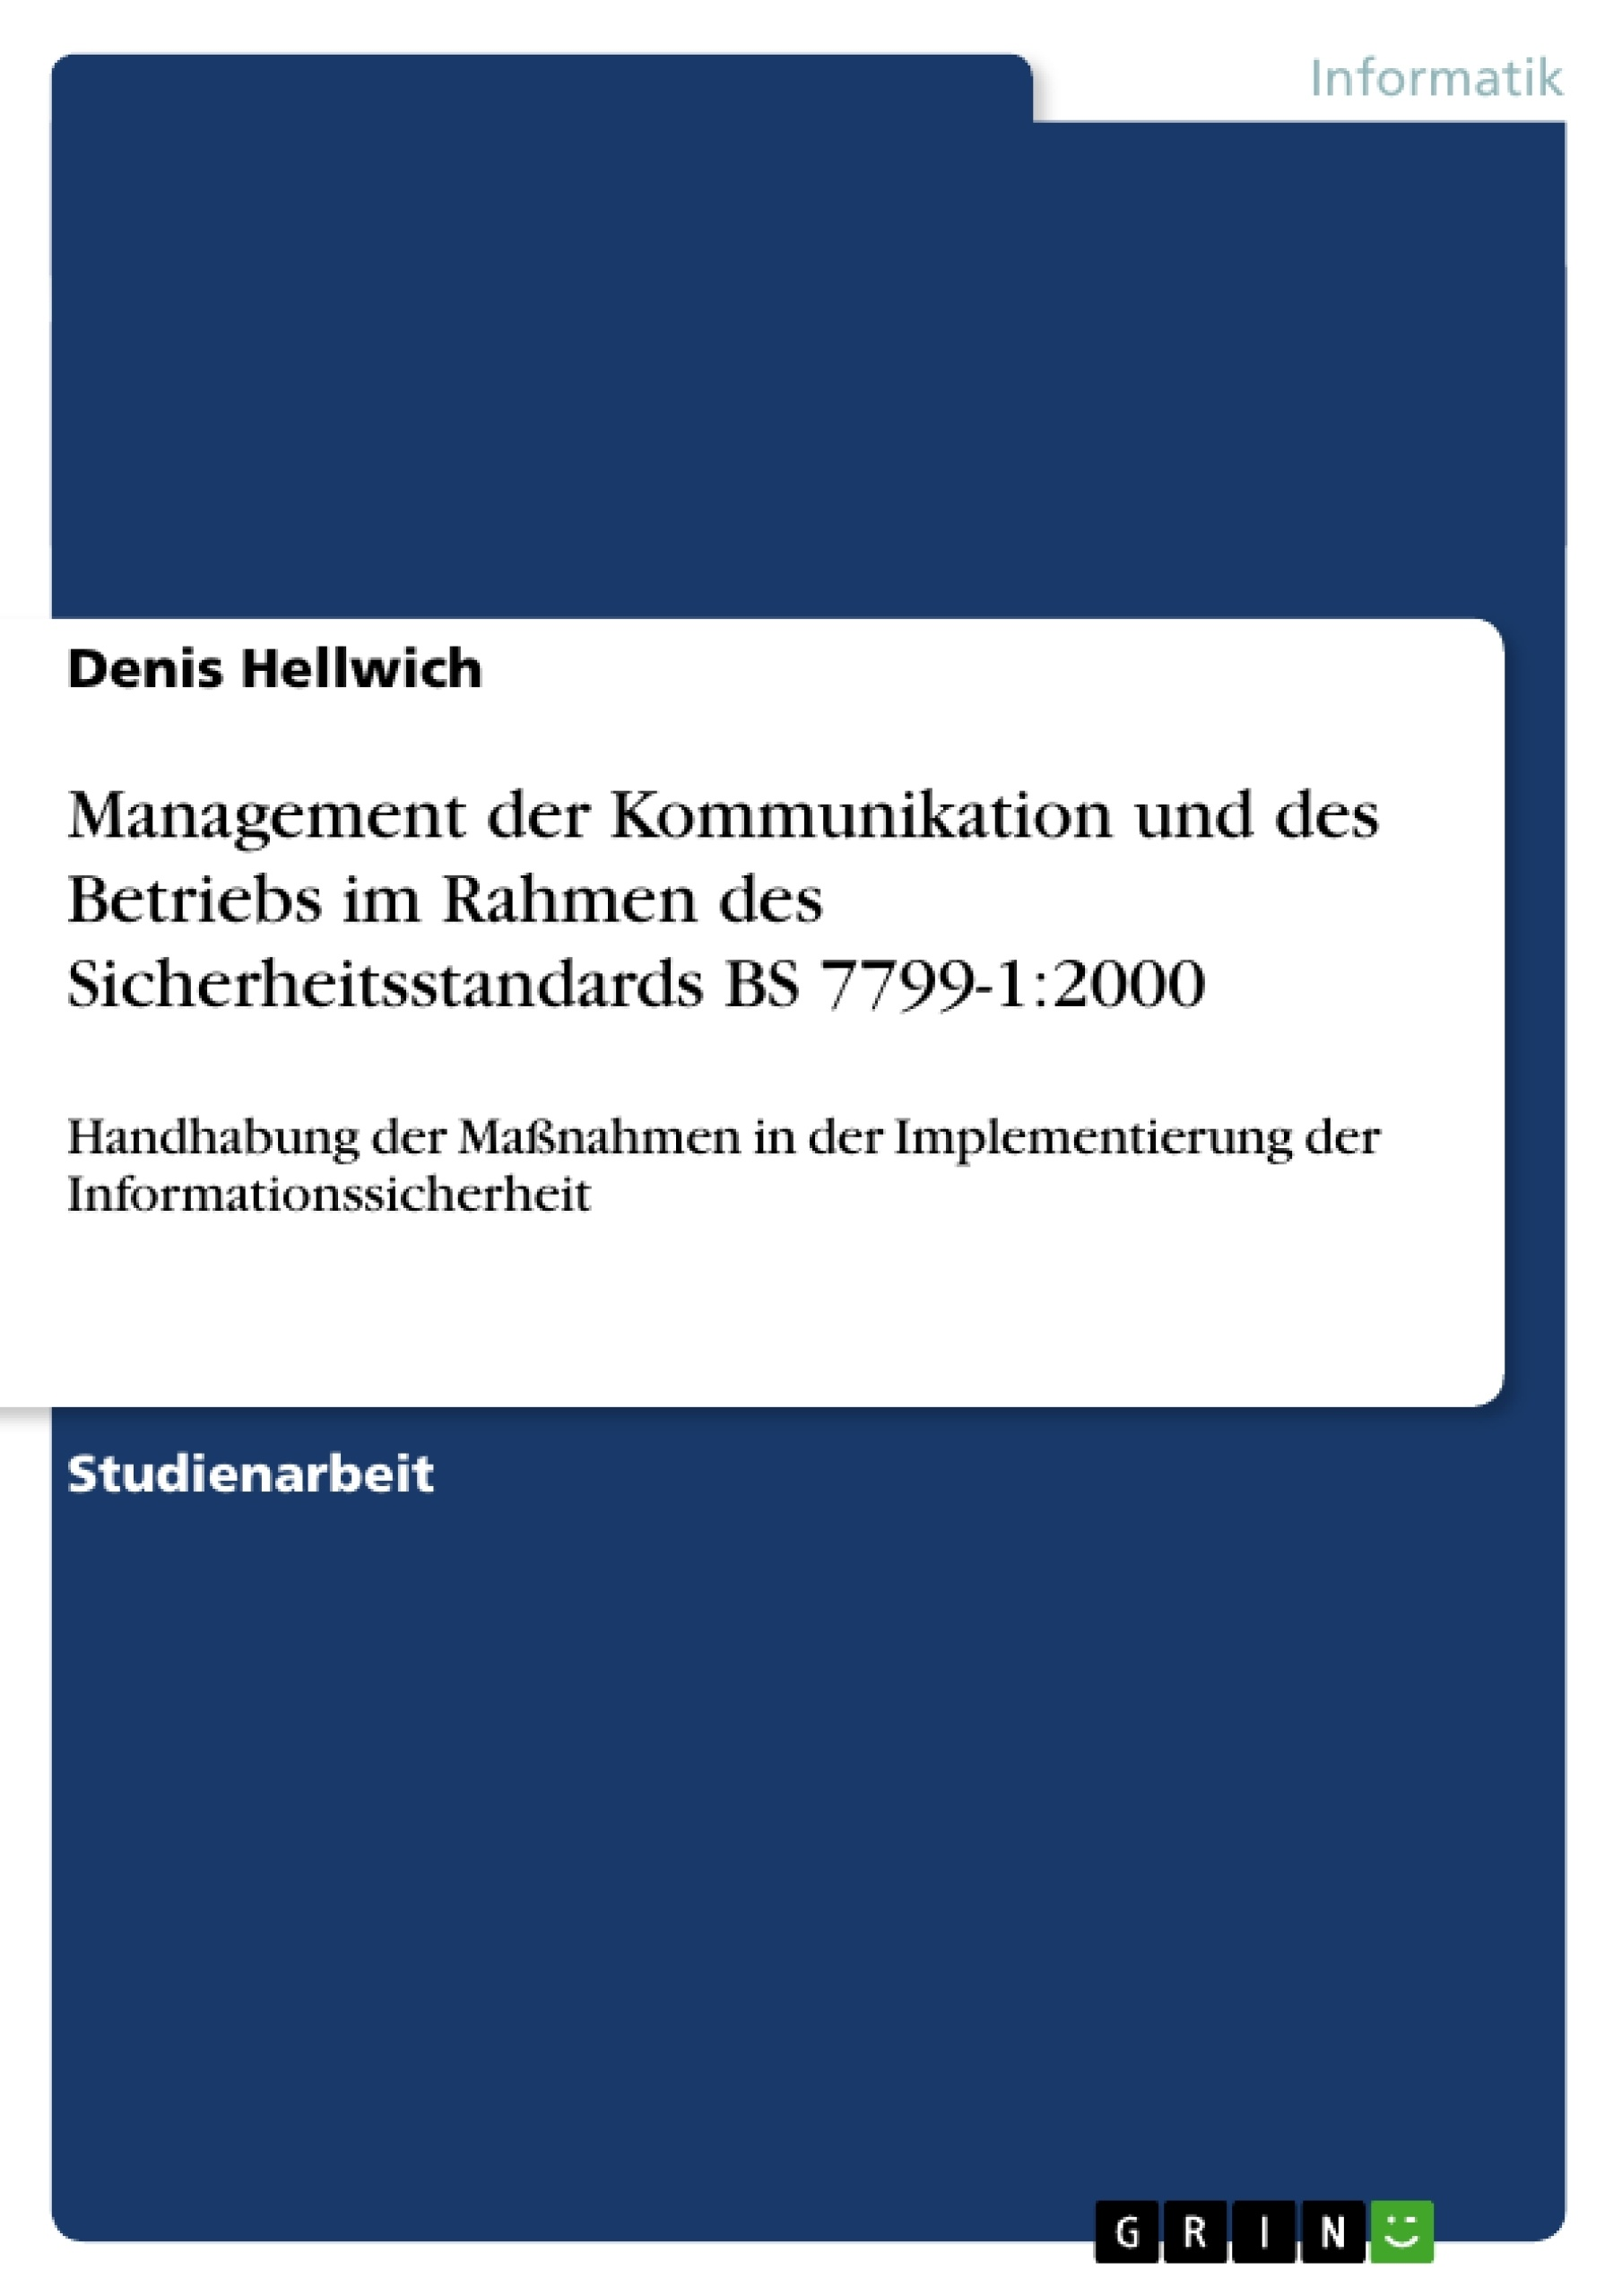 Titel: Management der Kommunikation und des Betriebs im Rahmen des Sicherheitsstandards BS 7799-1:2000